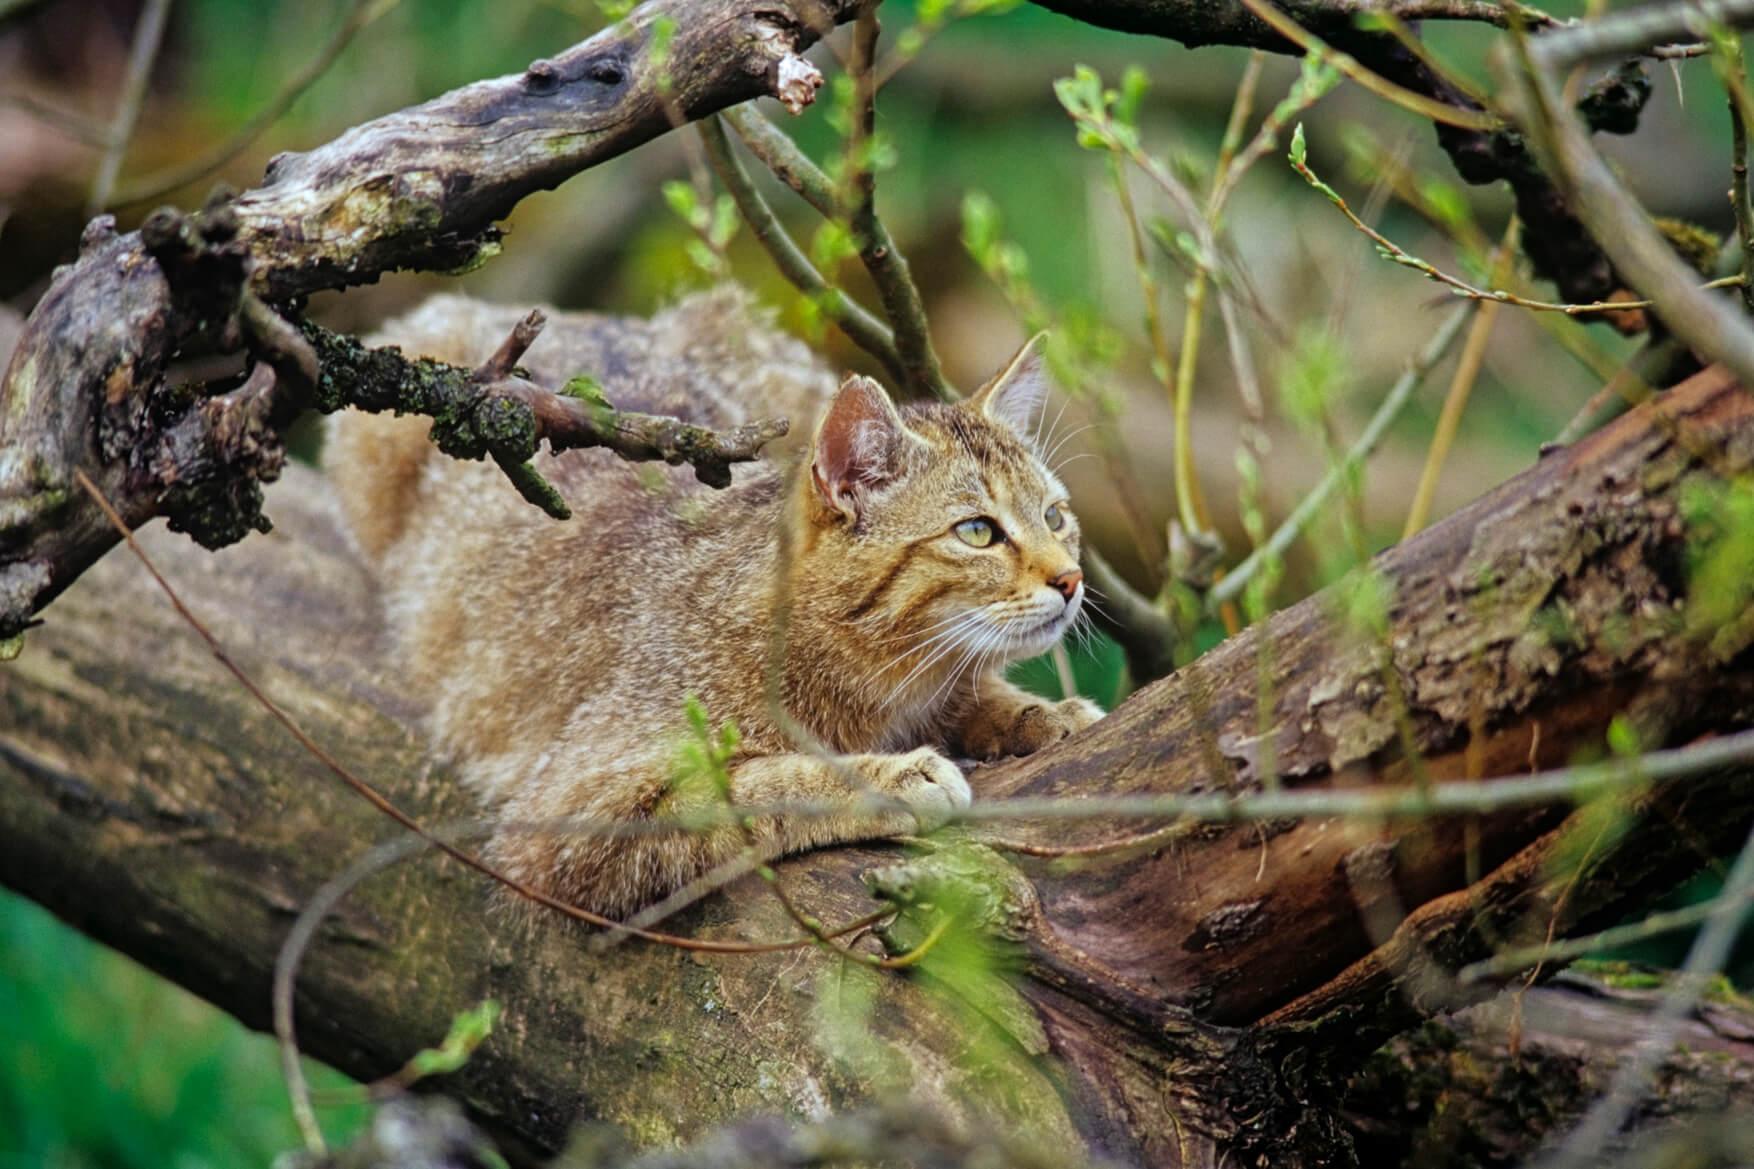 Nationalpark Hainich - Wildkatze im Baum